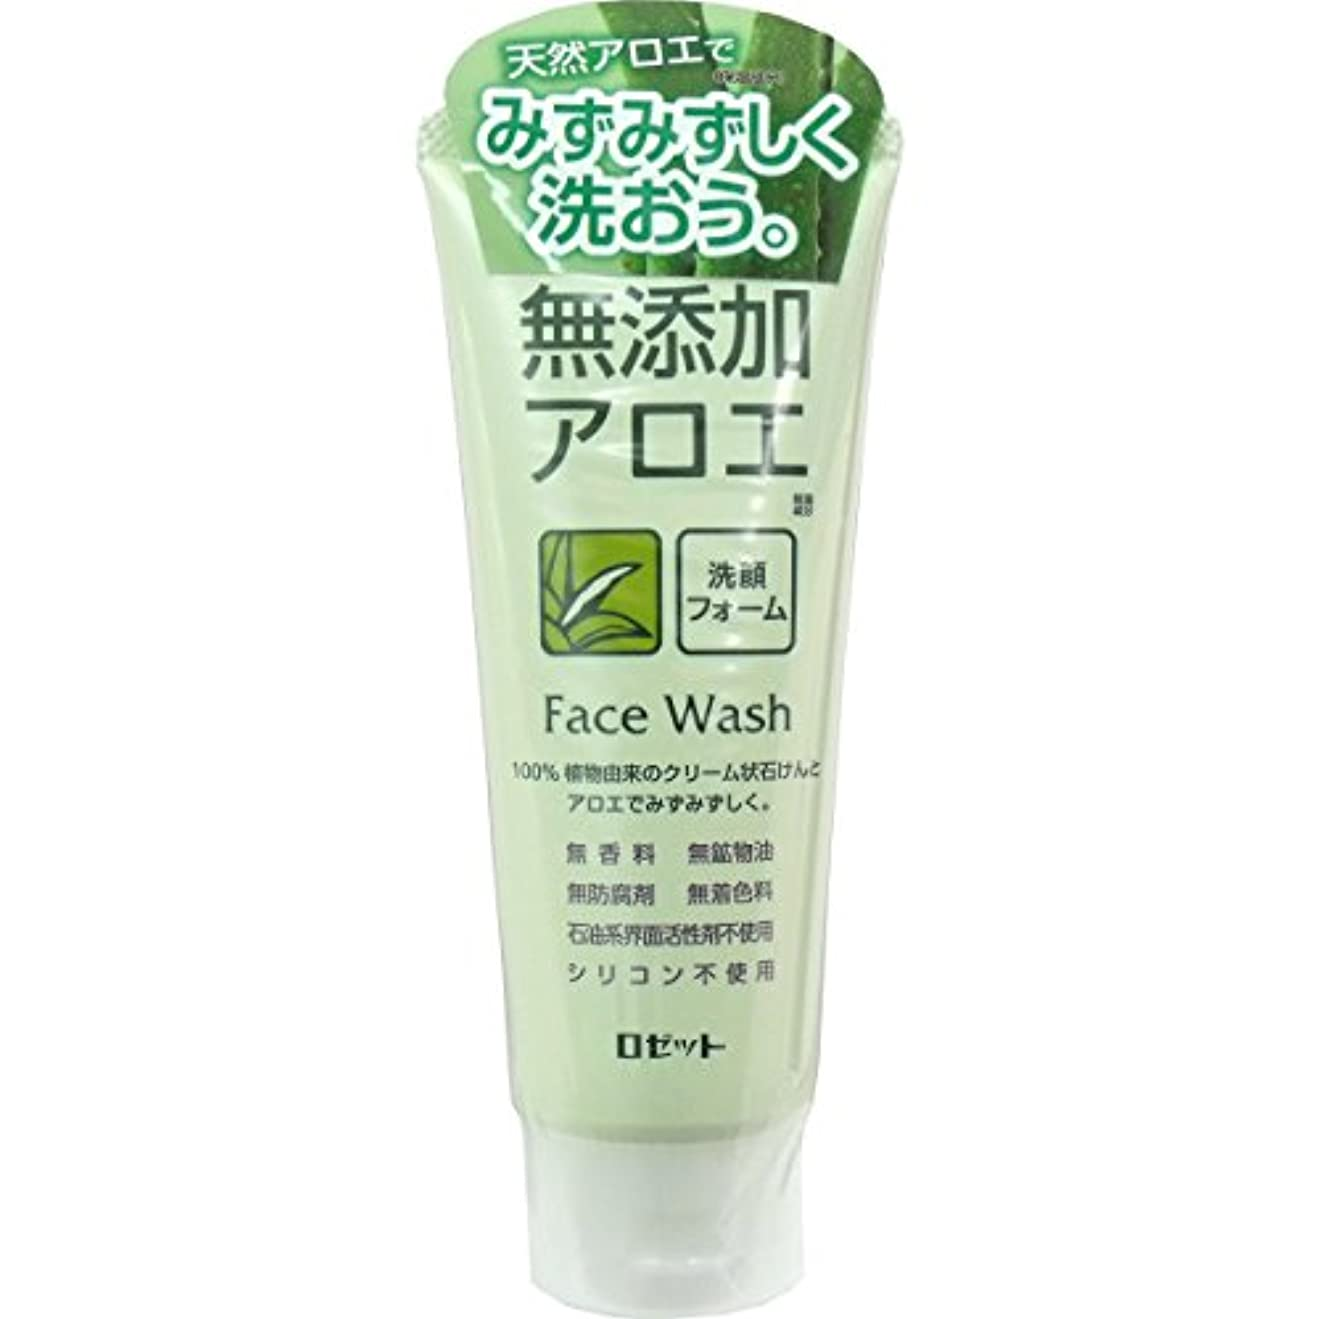 マージン差別するゆるい【ロゼット】無添加アロエ 洗顔フォーム 140g ×20個セット